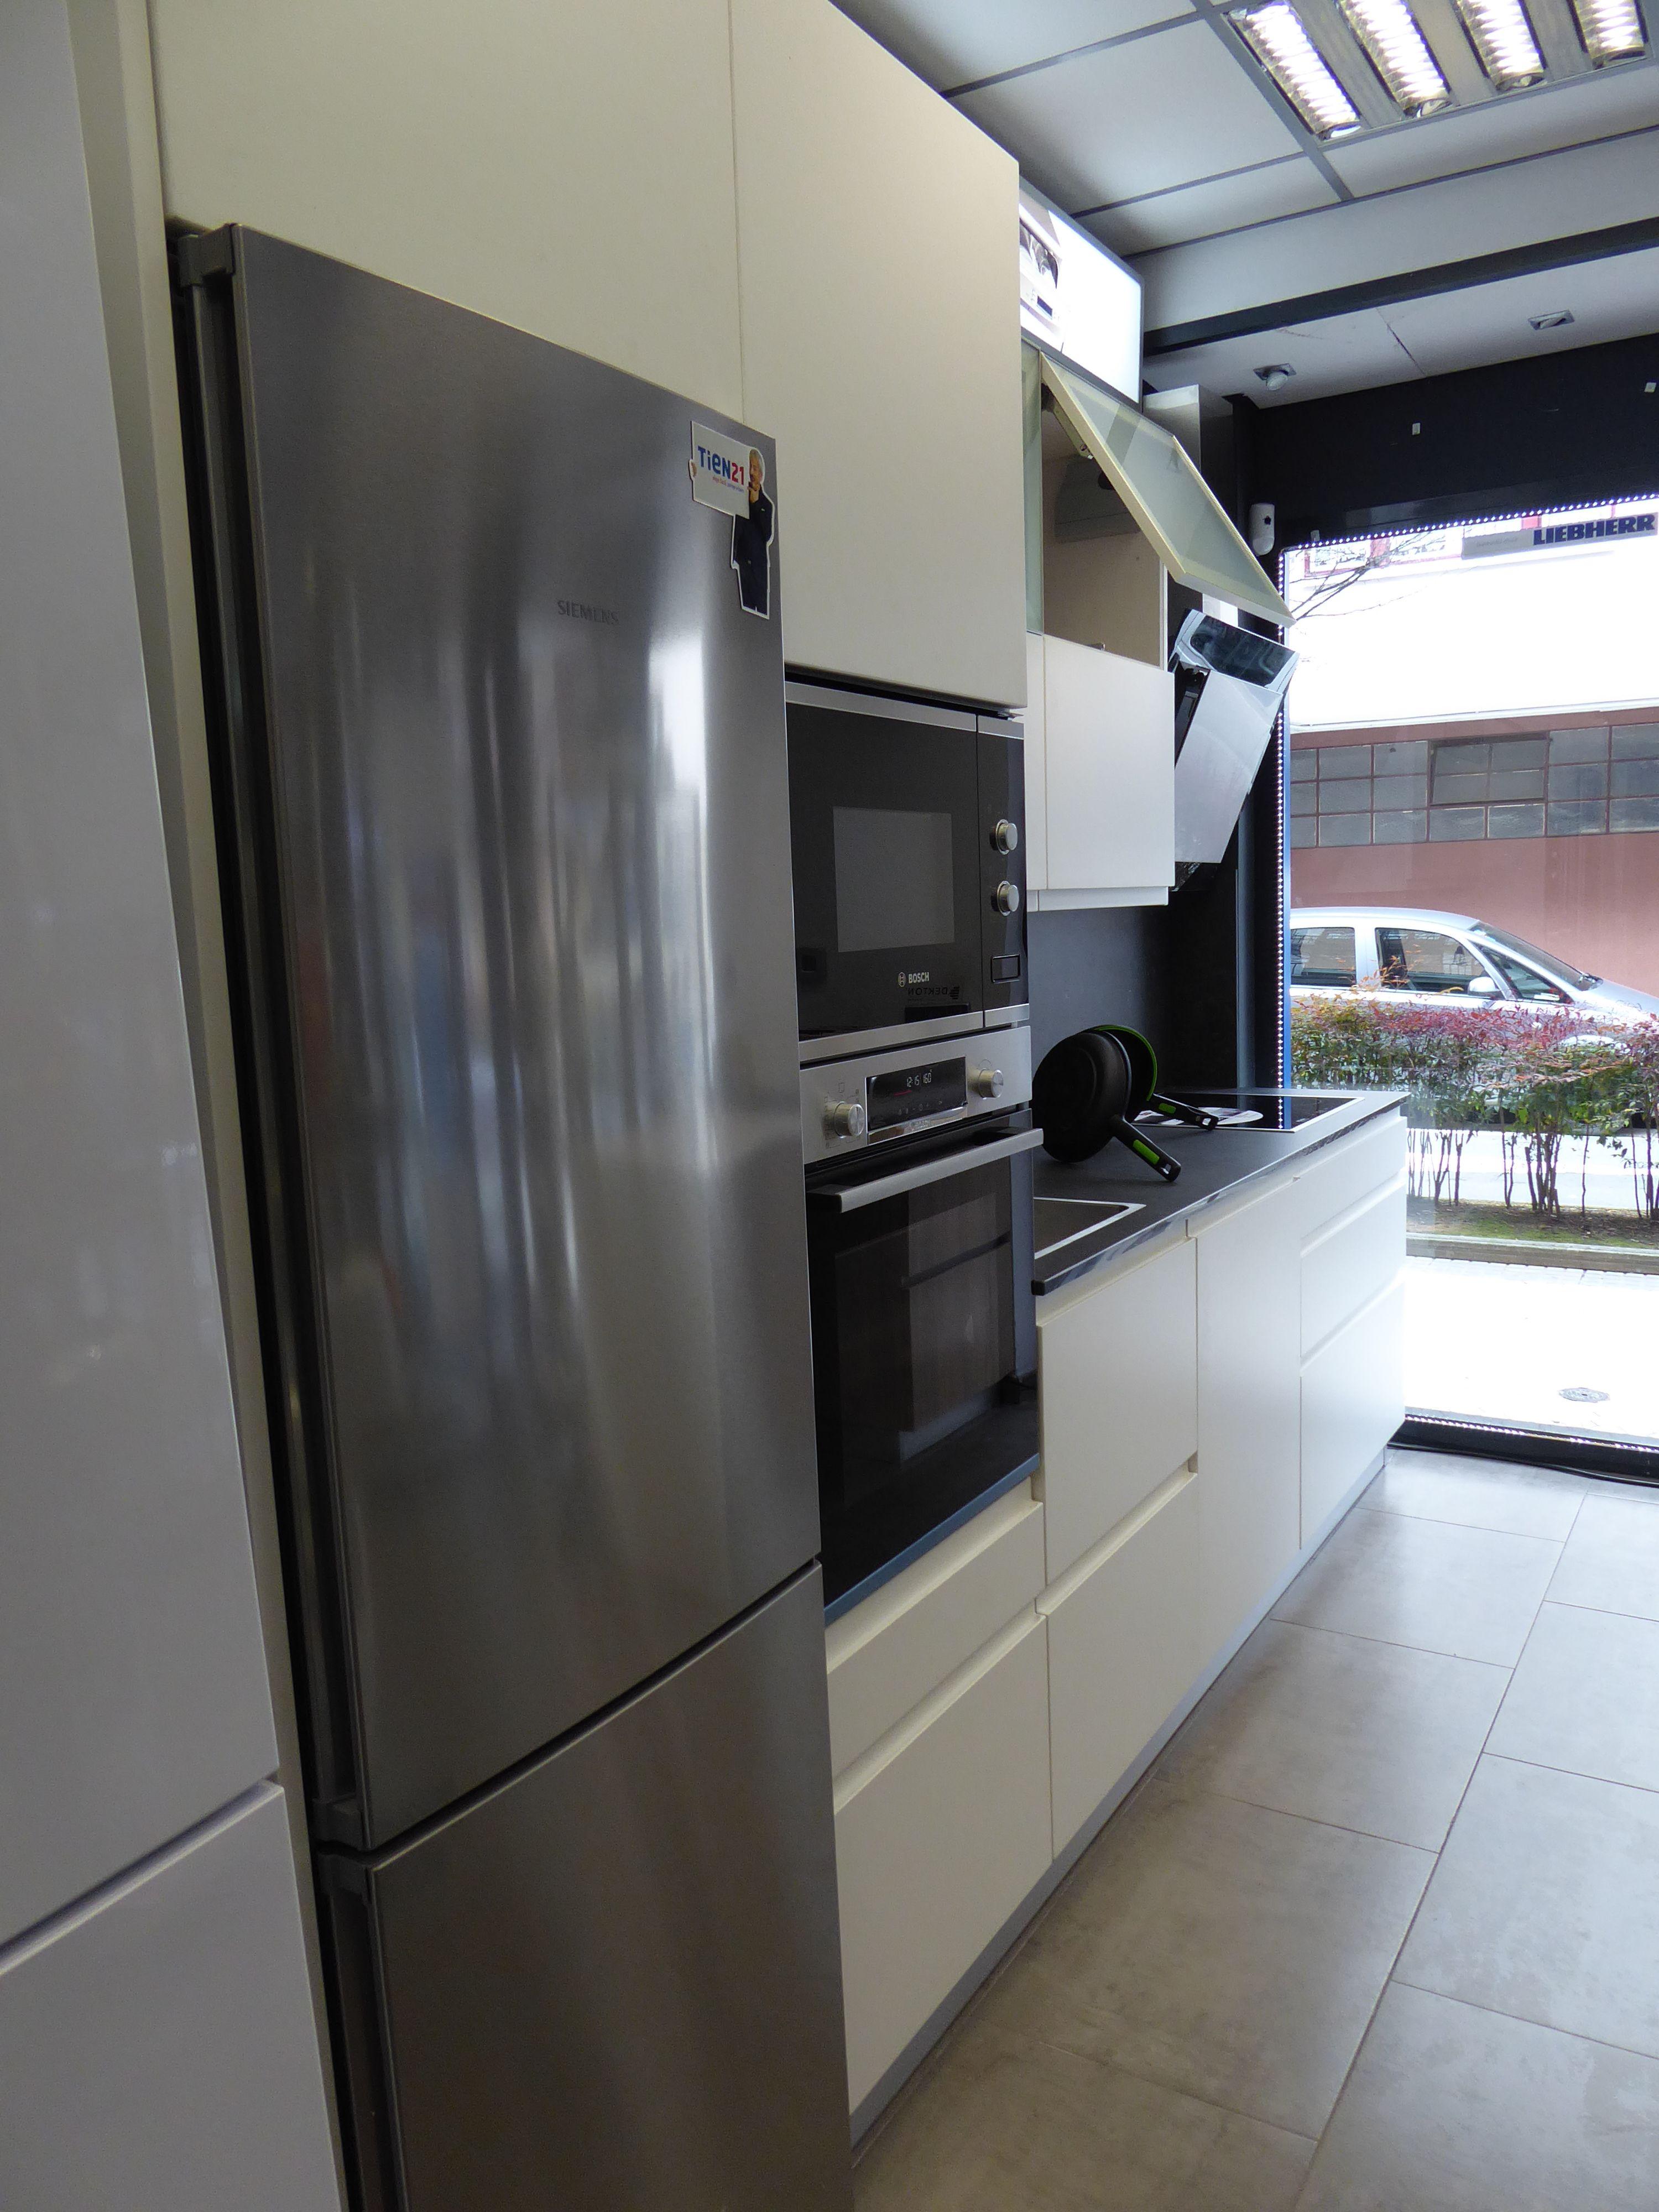 Foto 21 de Electrodomésticos en    Izarra Electrodomésticos en Tien 21